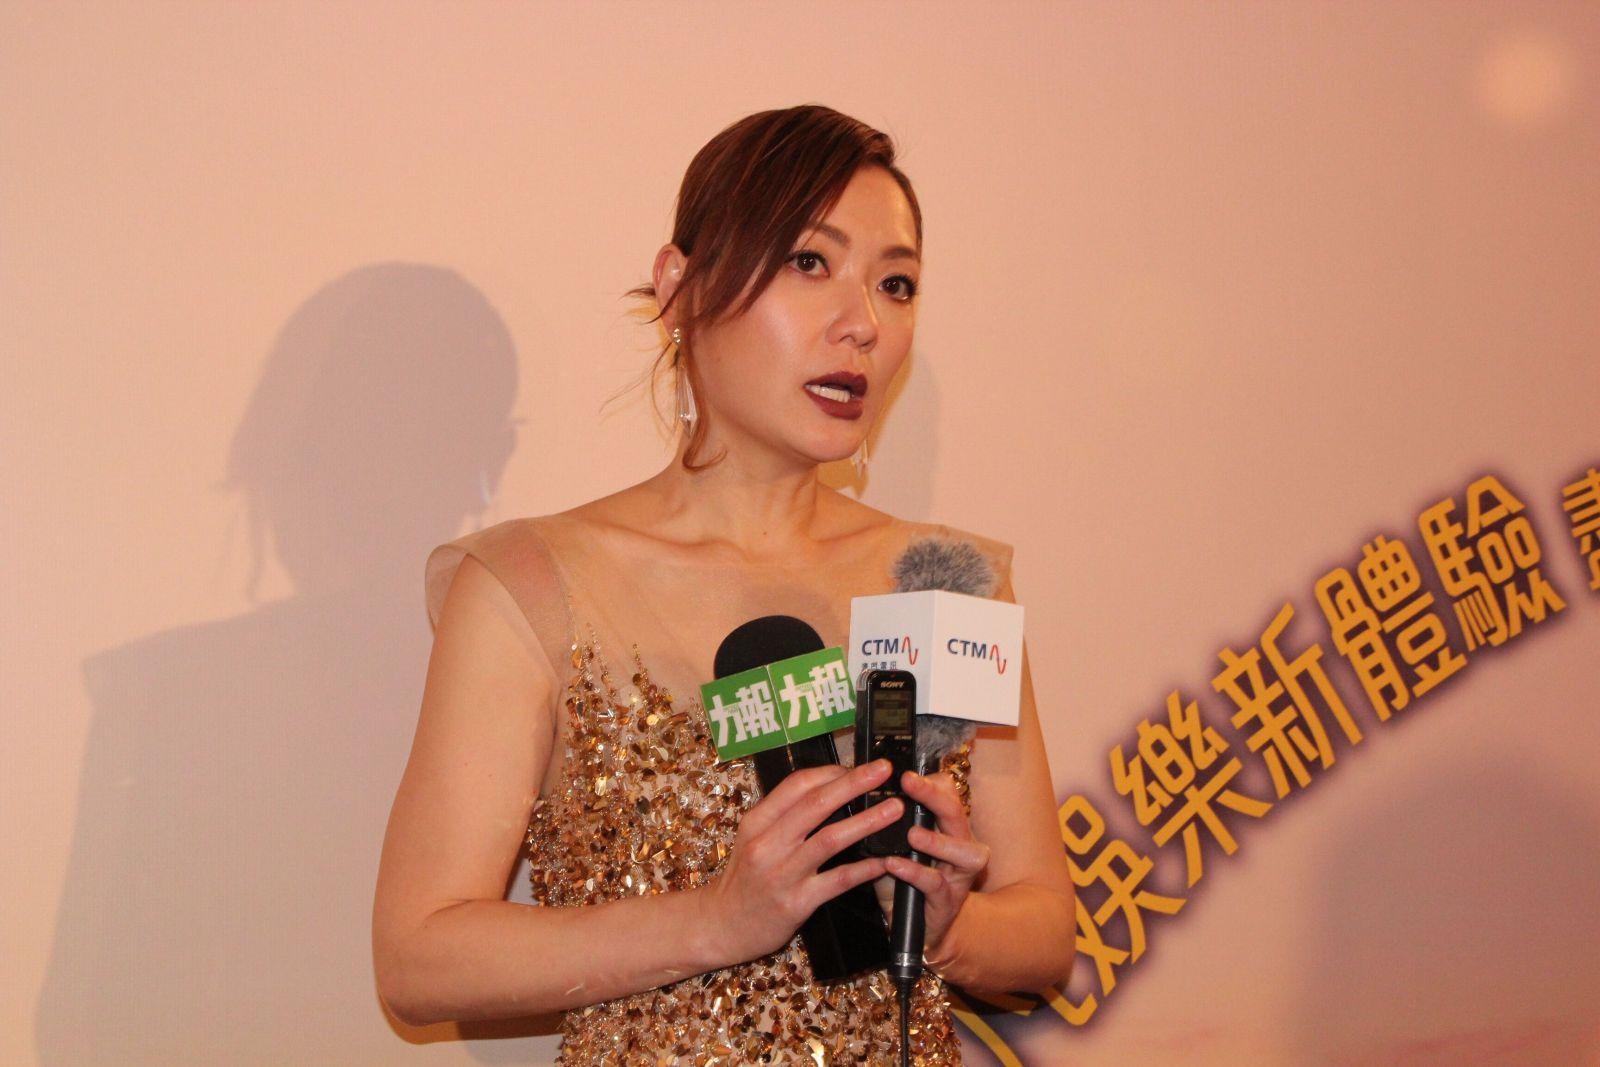 澳門電訊與TVB合作TVB Anywhere落戶澳門-澳門力報官網